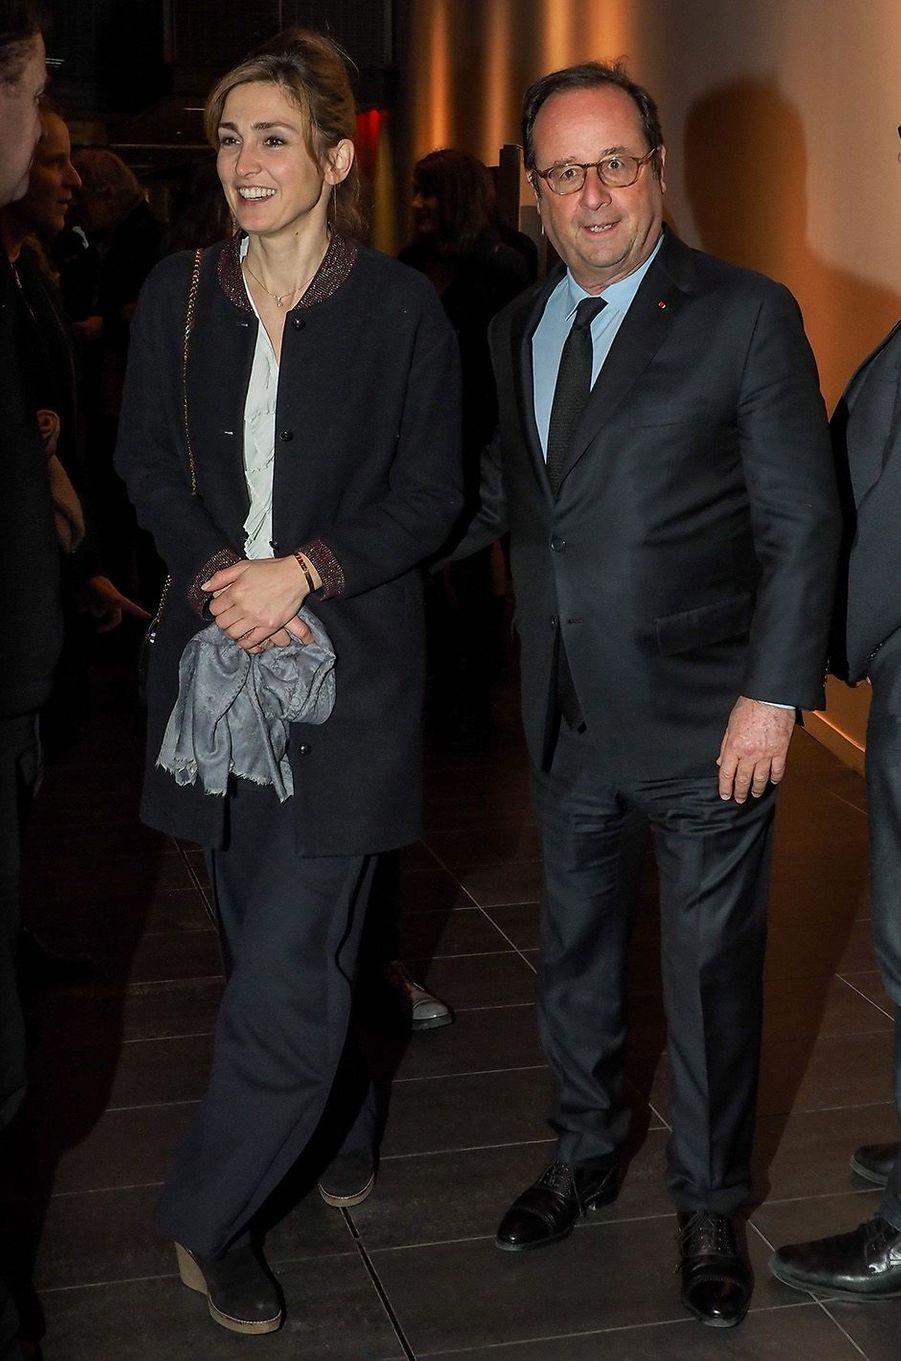 Julie Gayet et François Hollande au MK2 Bibliothèque, à Paris, le 26 janvier 2018.